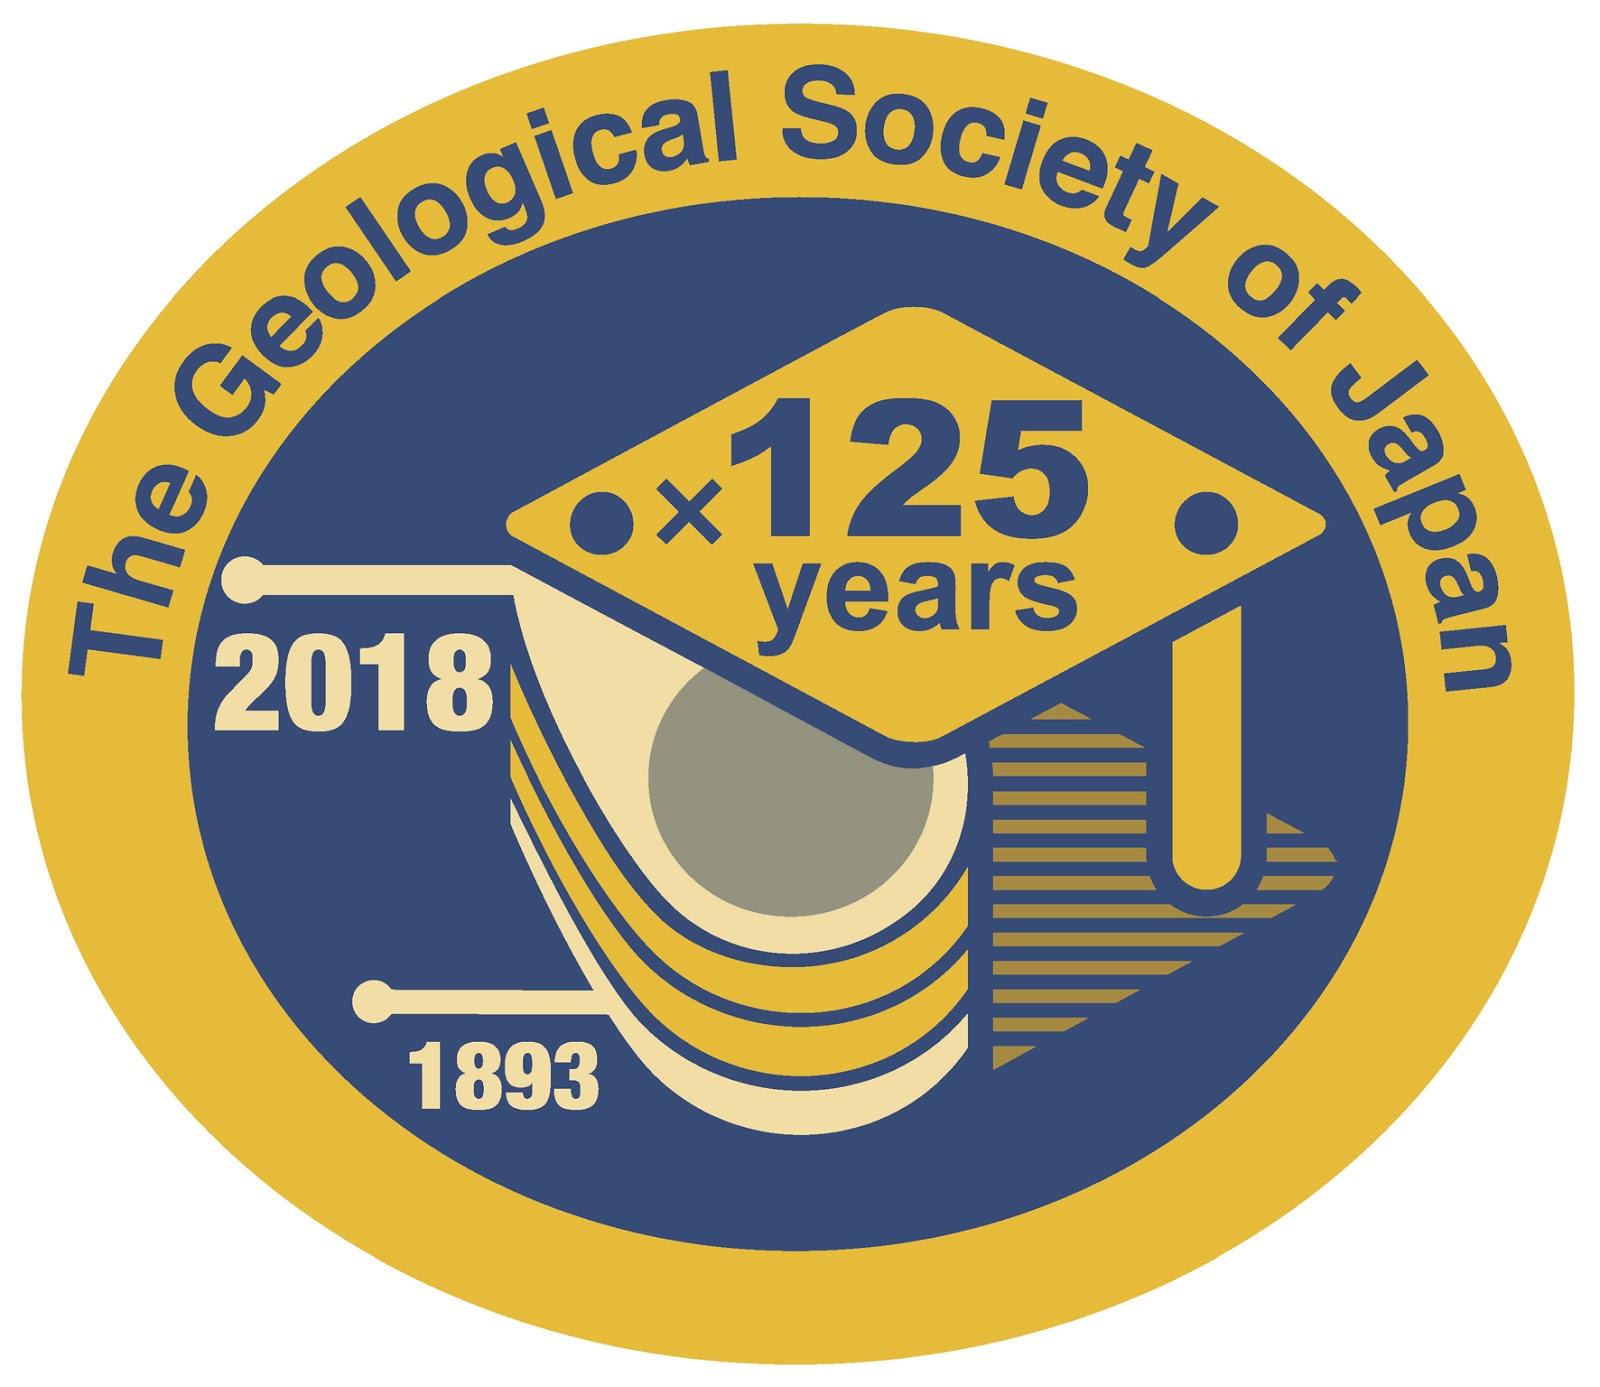 地質学会125周年記念ロゴのデザインコンペで最優秀賞受賞しました。